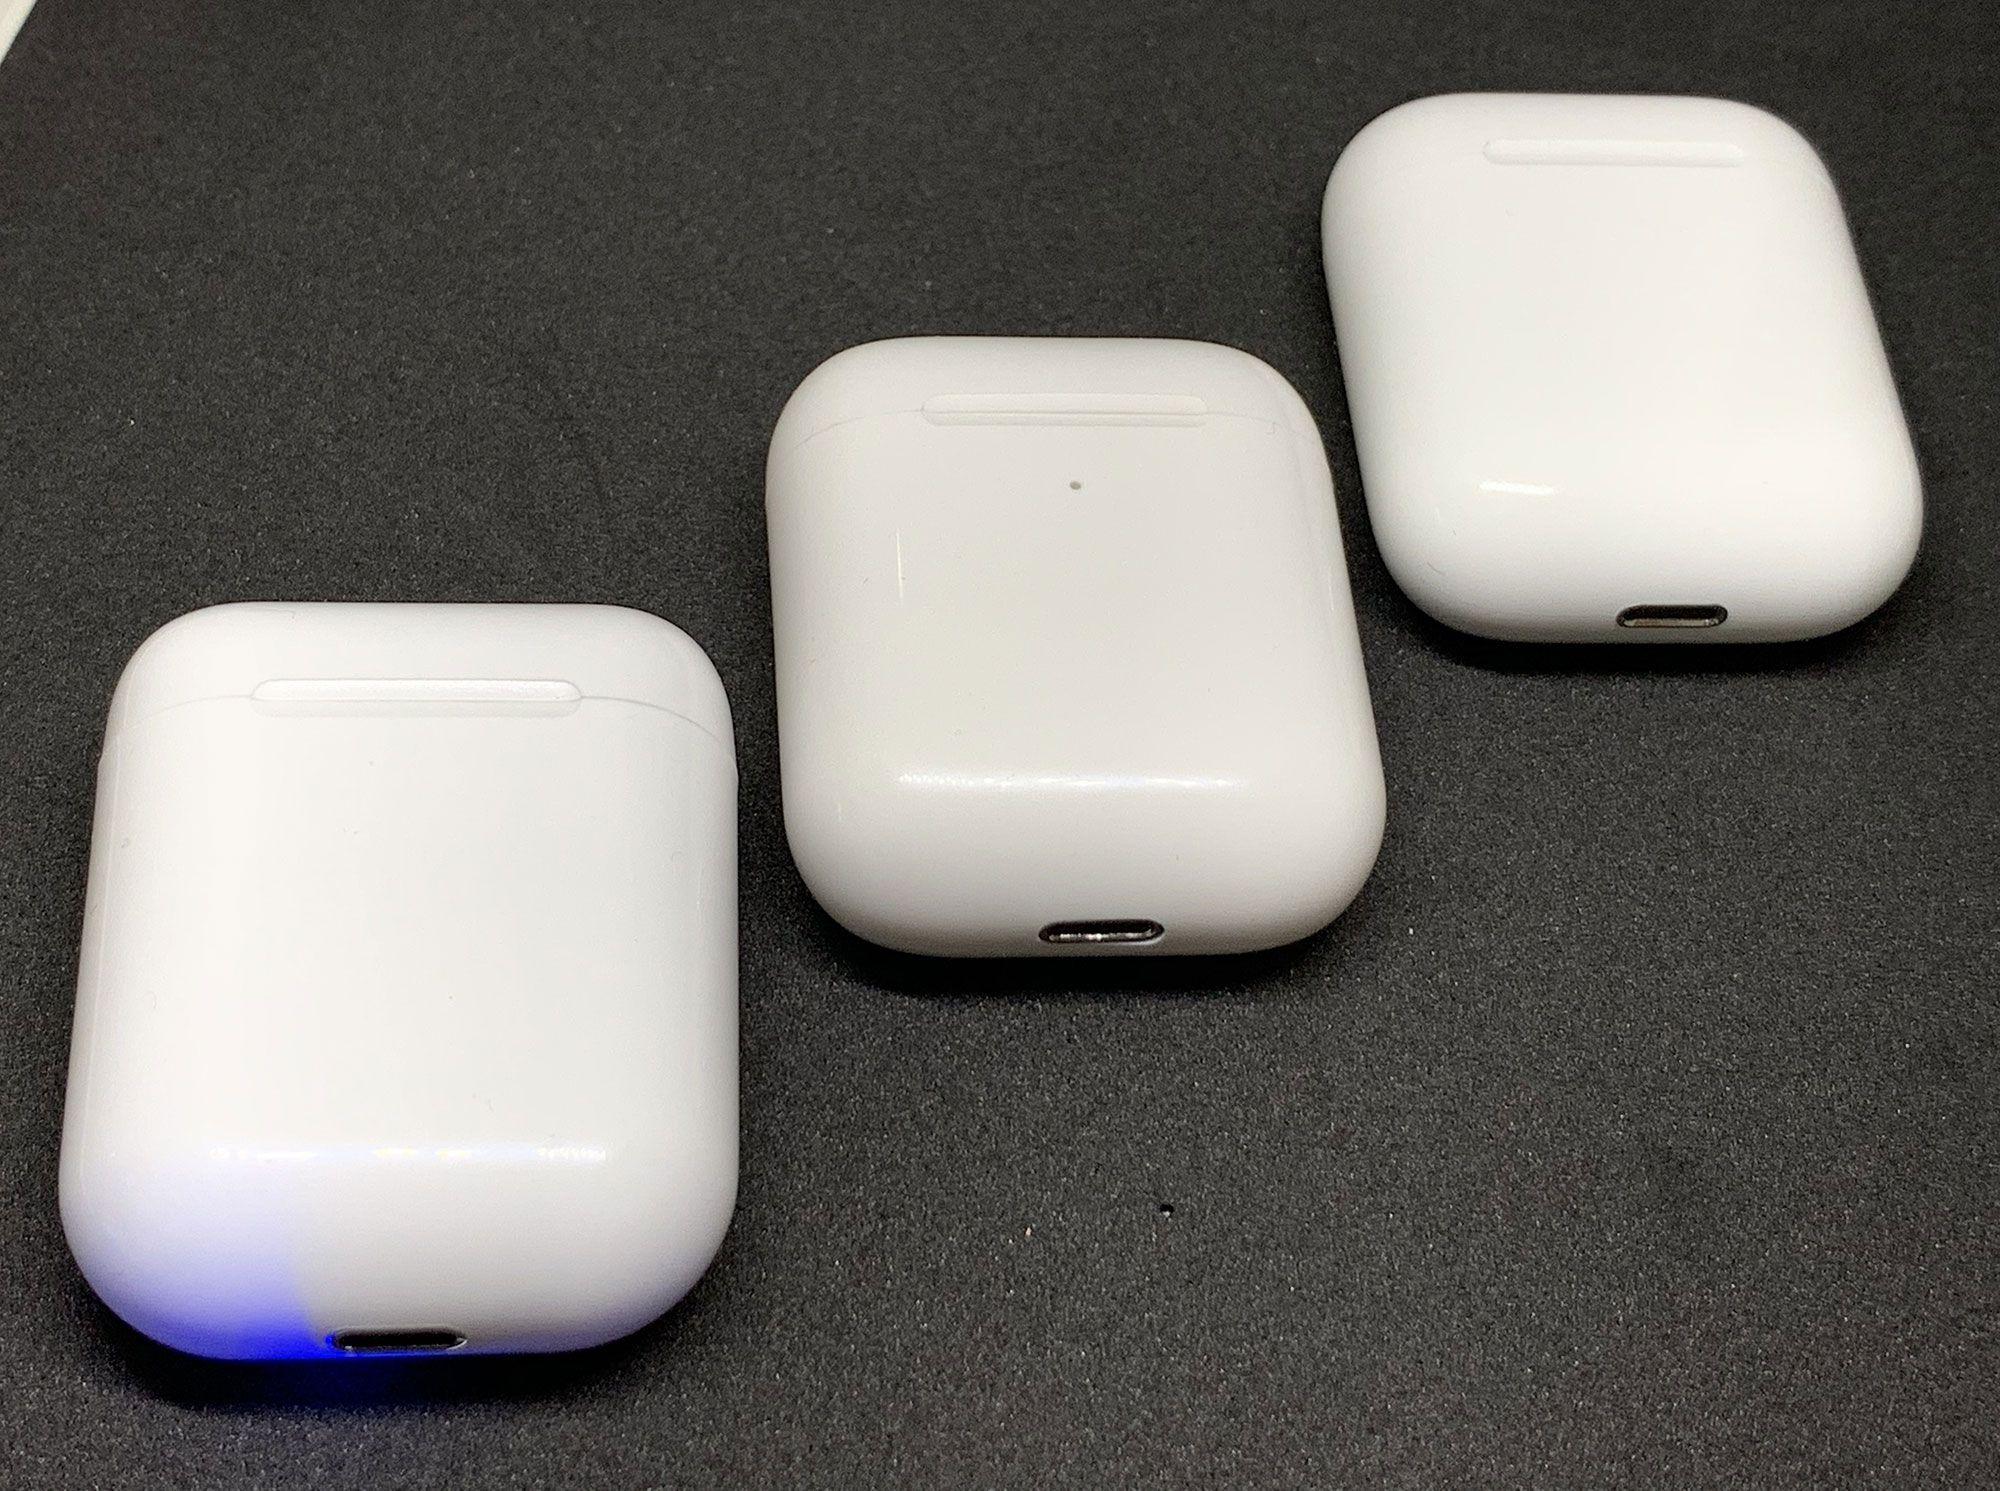 Vergleich der Airpod Alternativen TWS i60 und TWS i80